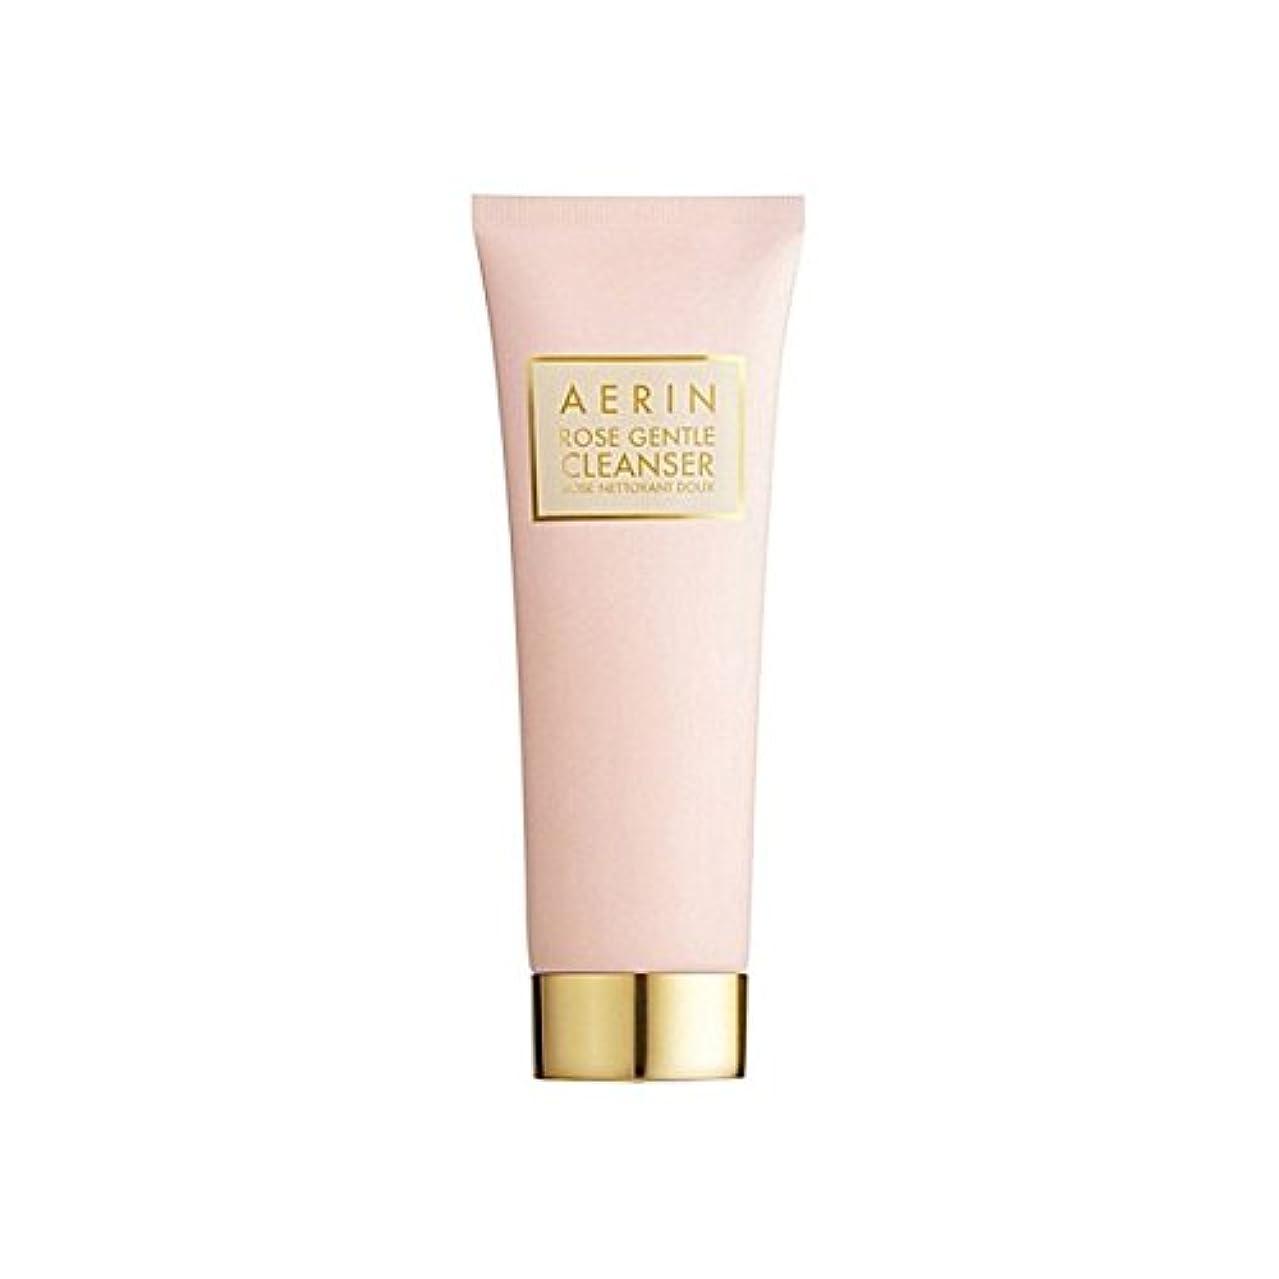 仮装こんにちは返済Aerin Rose Gentle Cleanser 125ml (Pack of 6) - はジェントルクレンザーの125ミリリットルをバラ x6 [並行輸入品]